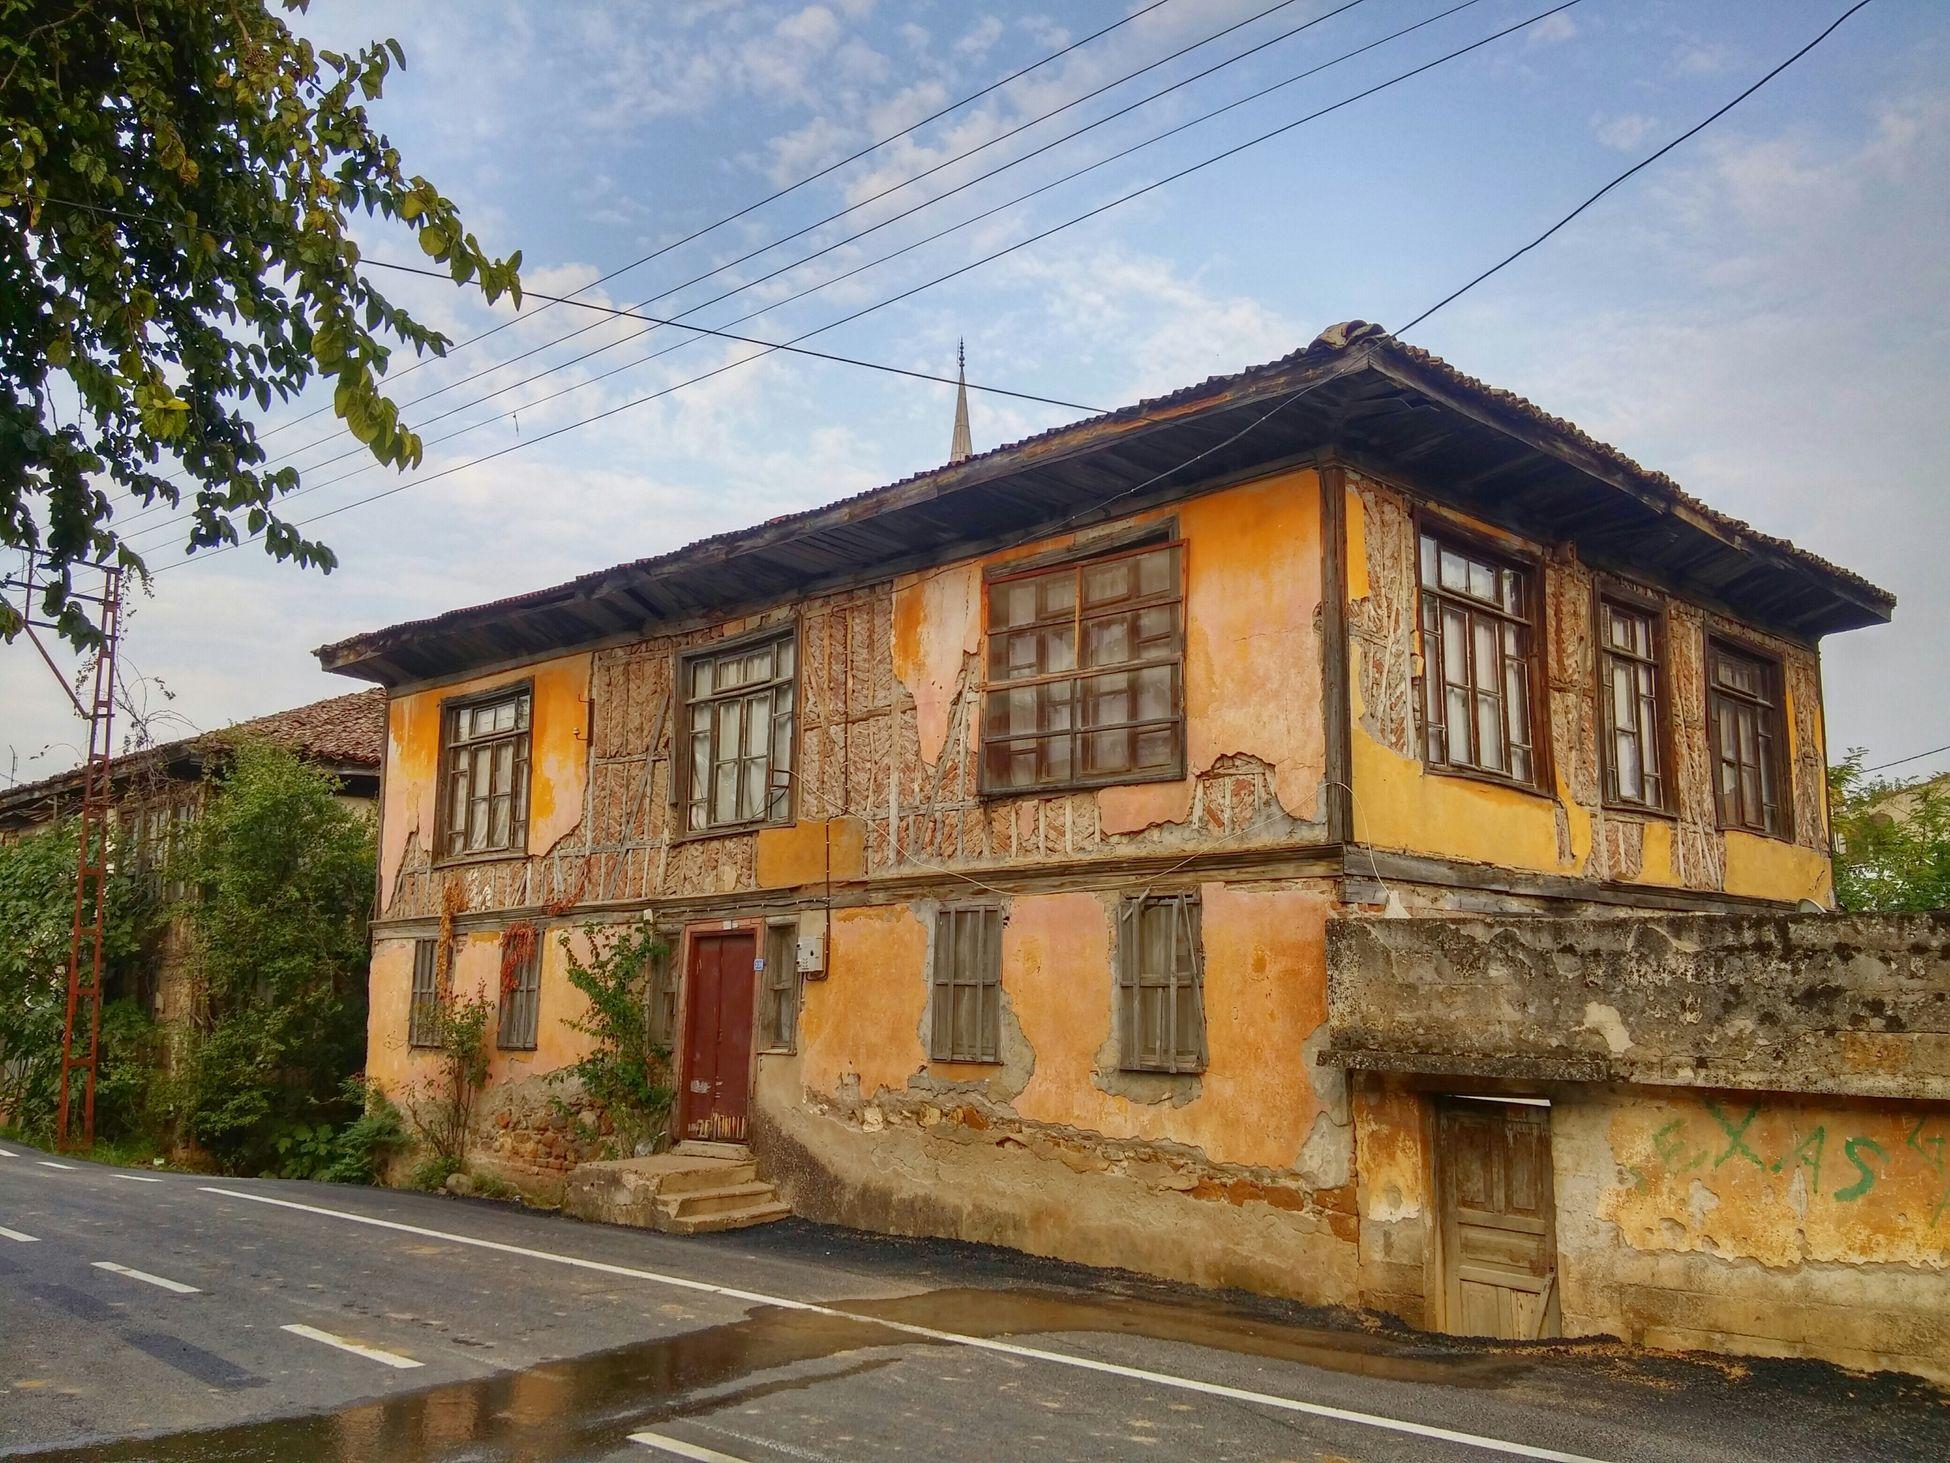 Oldbuilding Eskievler Gezgin Travel Photography Take Photos Benimgözümden Benimkadrajım Oan_turkey Fotografia Popüler Fotoğraflar